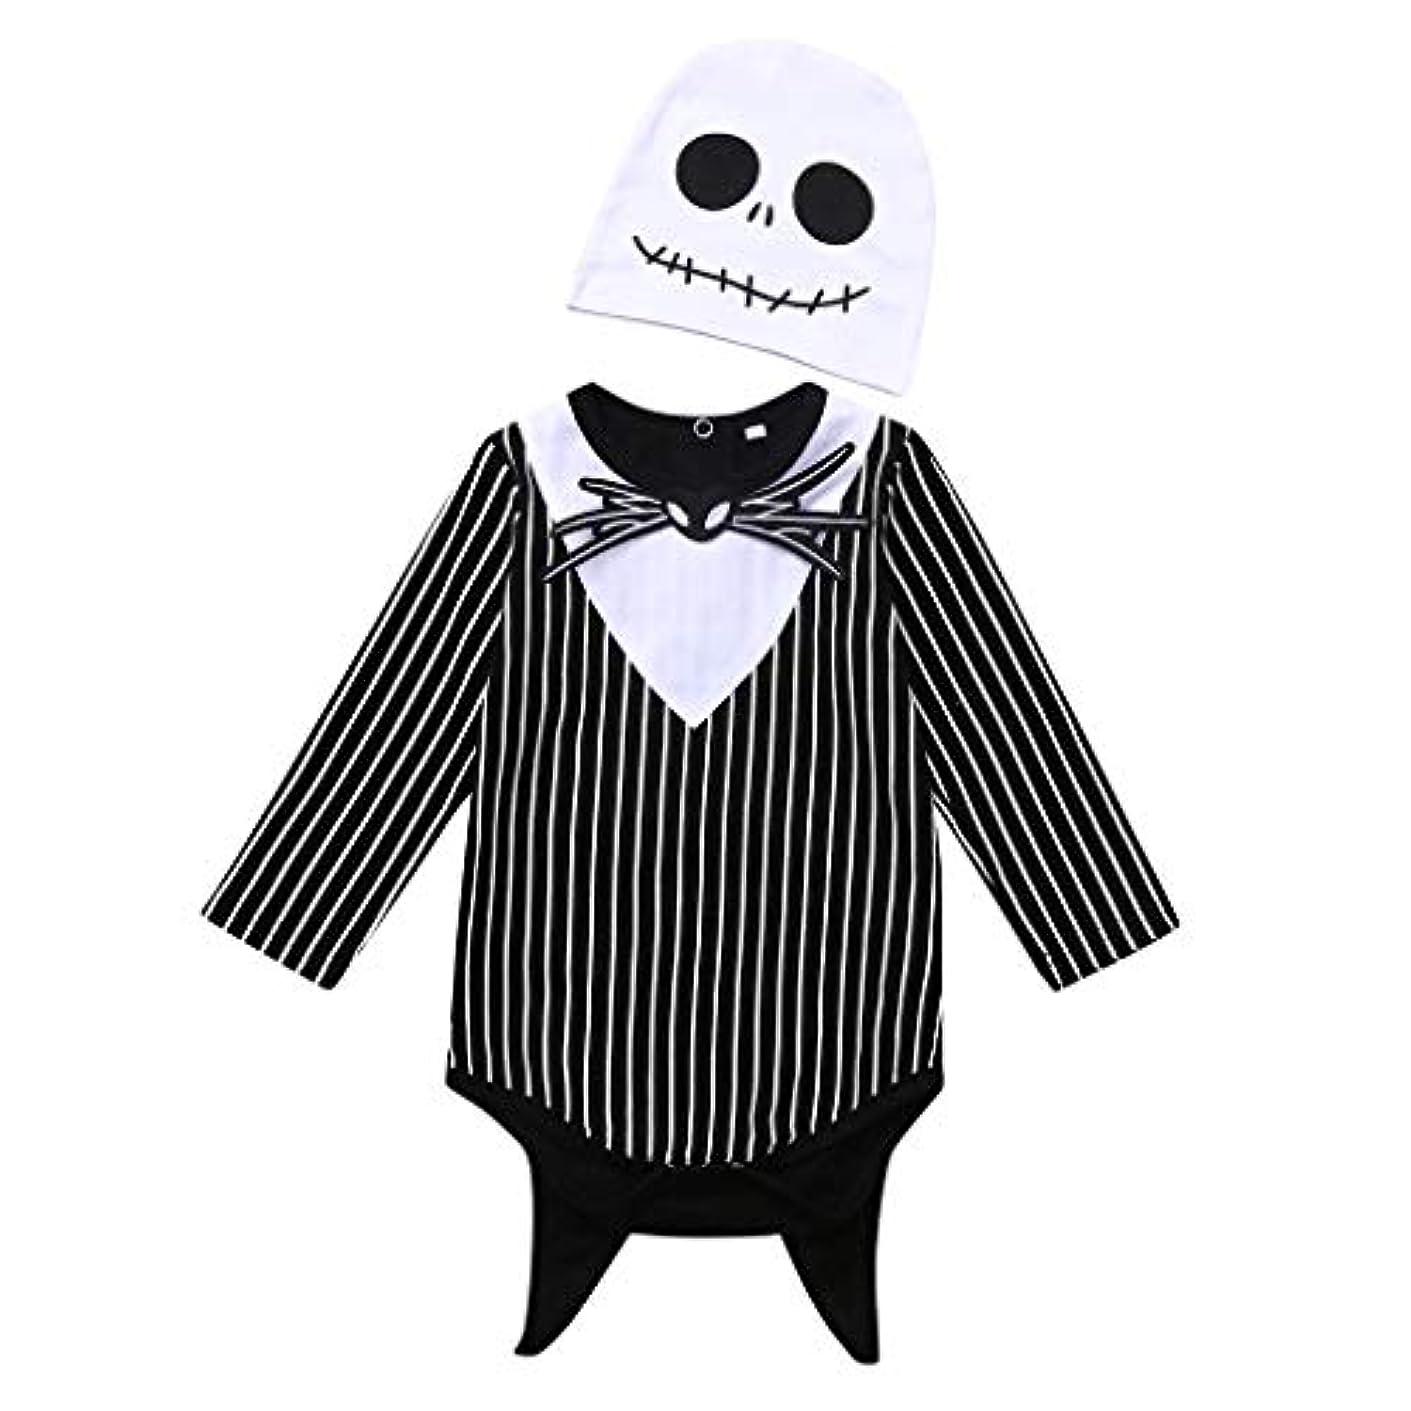 無効にするクラブなぞらえるMISFIY 幼児 ベビー服 子供 男の子 セット ロンパース 帽子 コットン ハロウィン 骷髅 かわいい 寝間着 部屋着 パジャマ